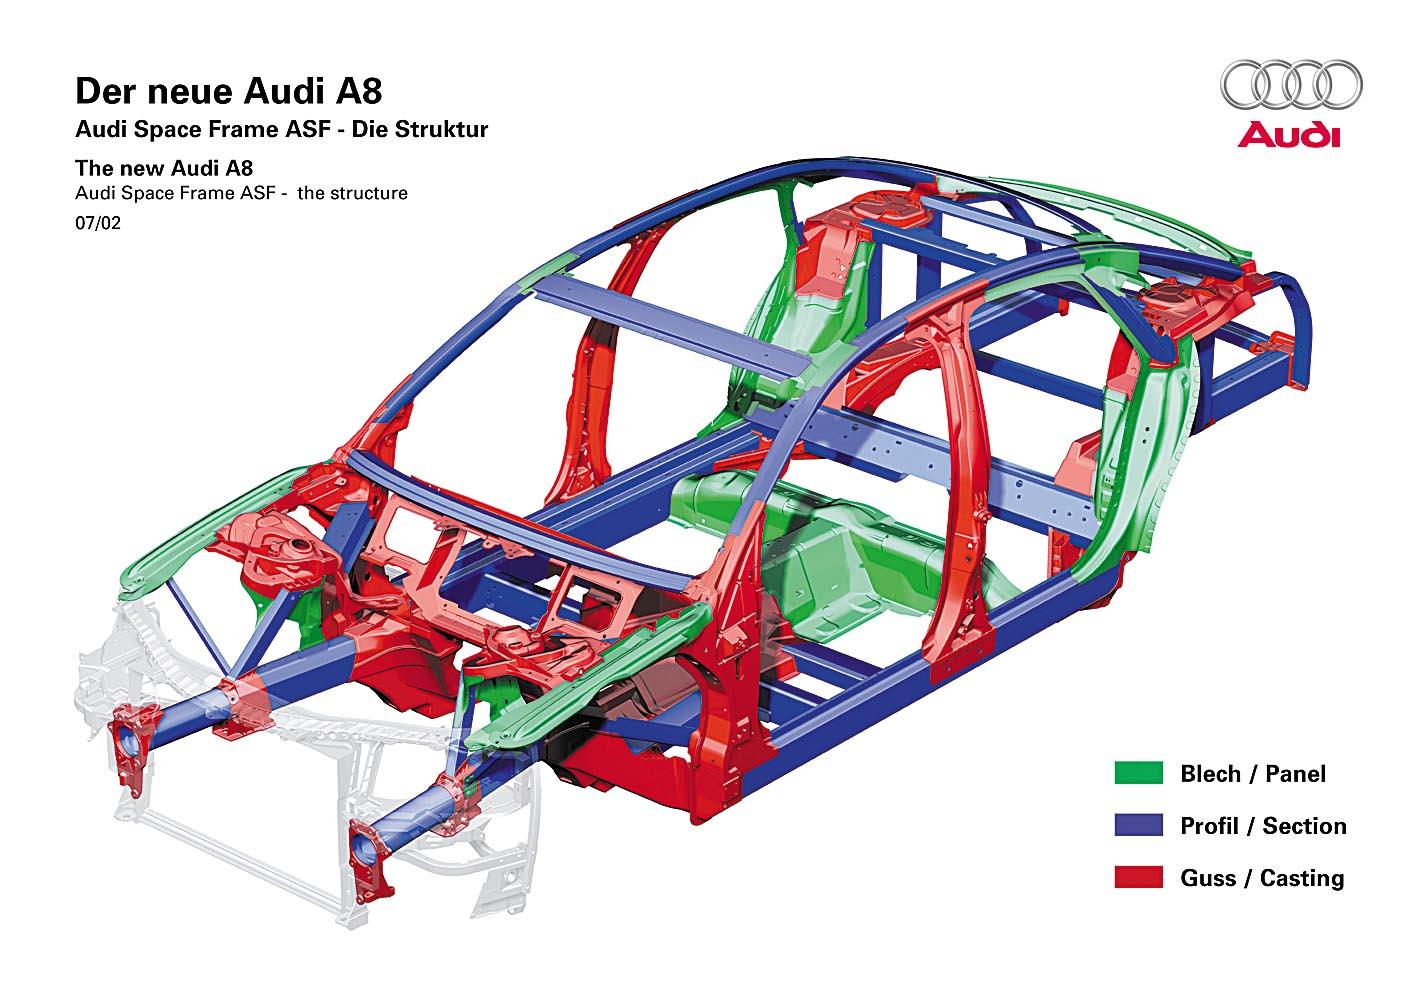 Voll Im Clinch Karosseriebau Bei Audi Setzt Auf Aluminium